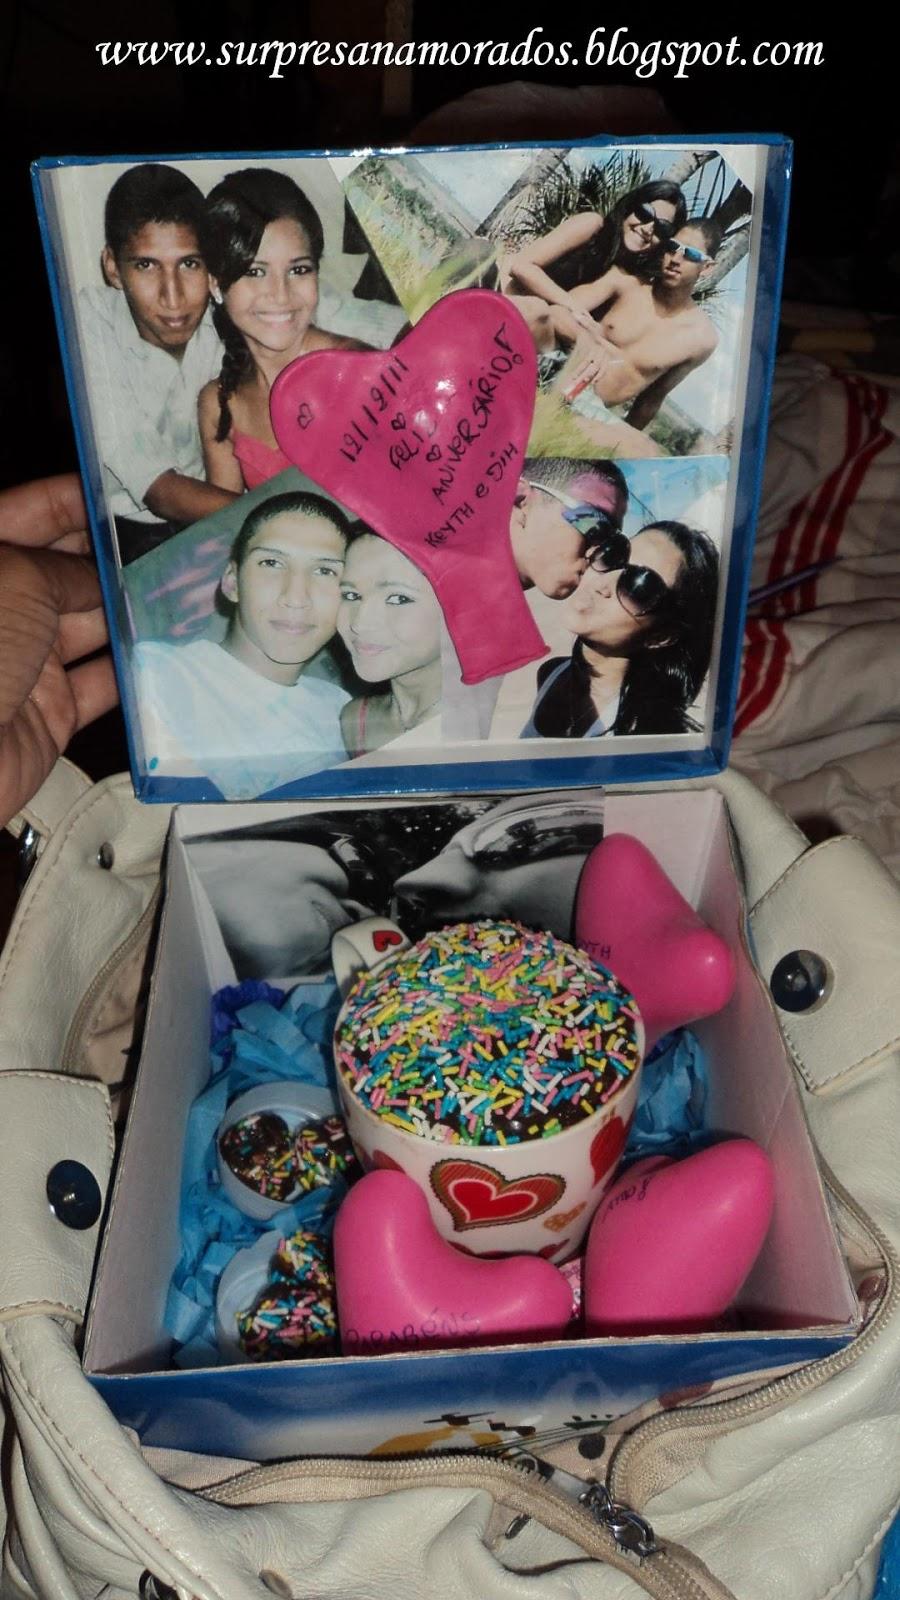 de fazer a festa na caixa no aniversário do namorado dela, que foi